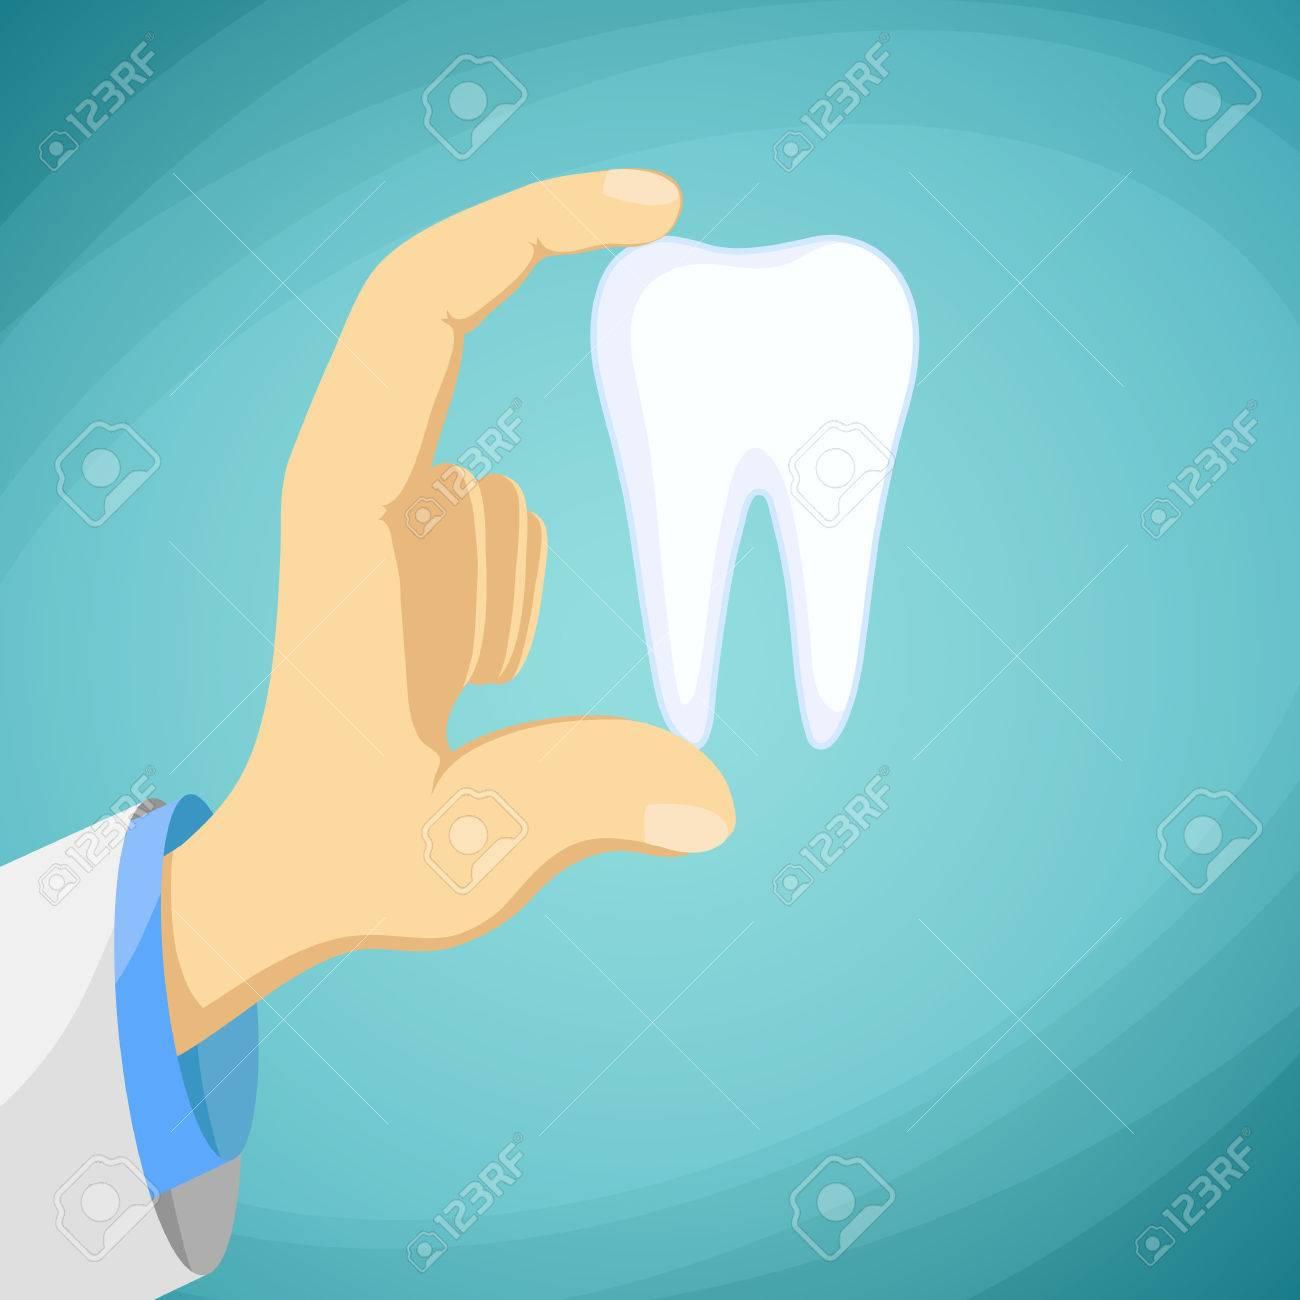 Arzt Zahnarzt Einen Menschlichen Zahn In Seiner Hand Hält. Auf ...